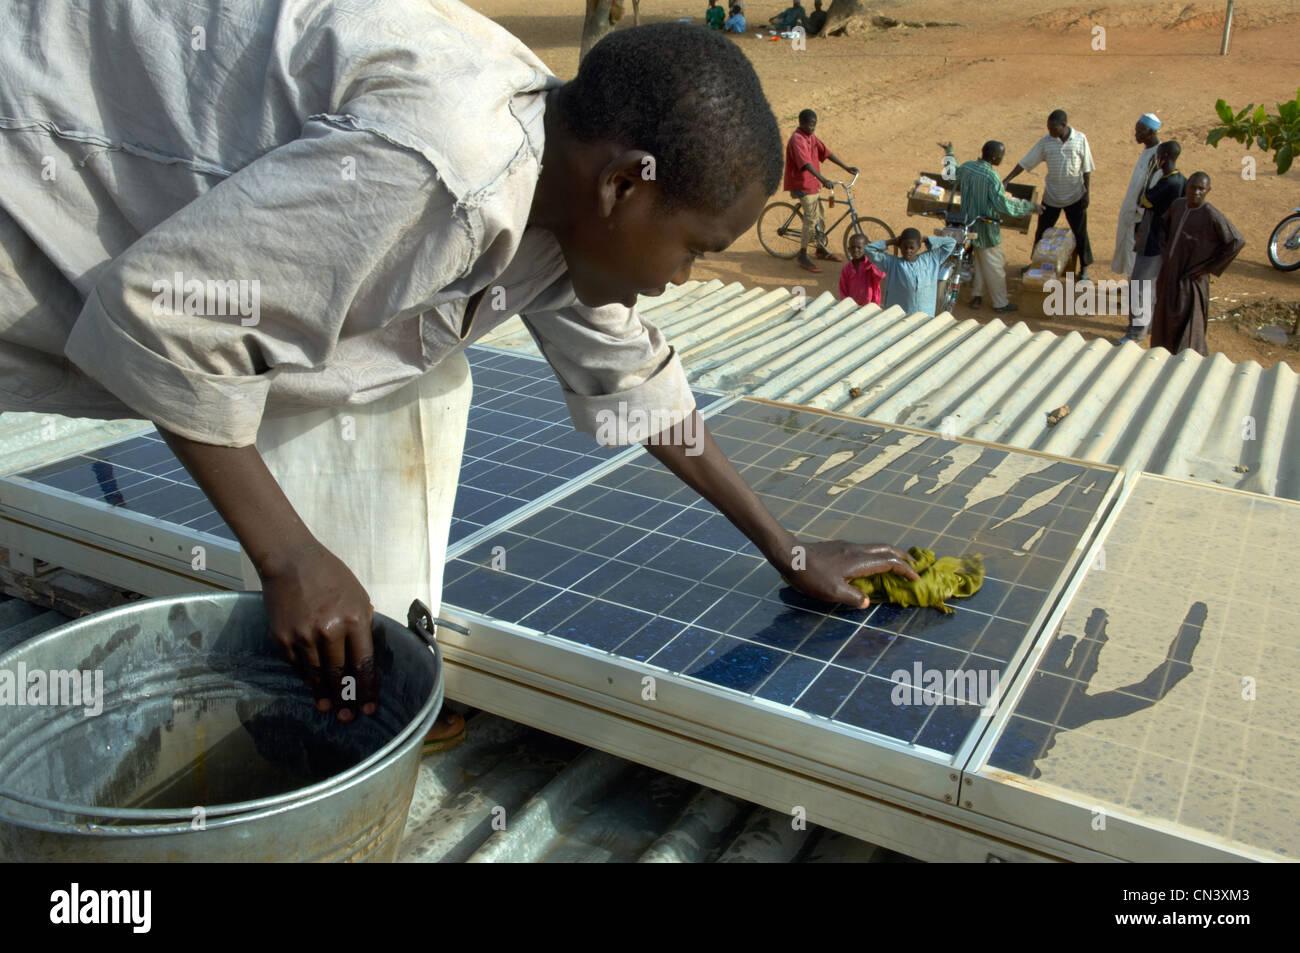 Kleiner Junge reinigt Staub von Sonnenkollektoren in Afrika Stockbild